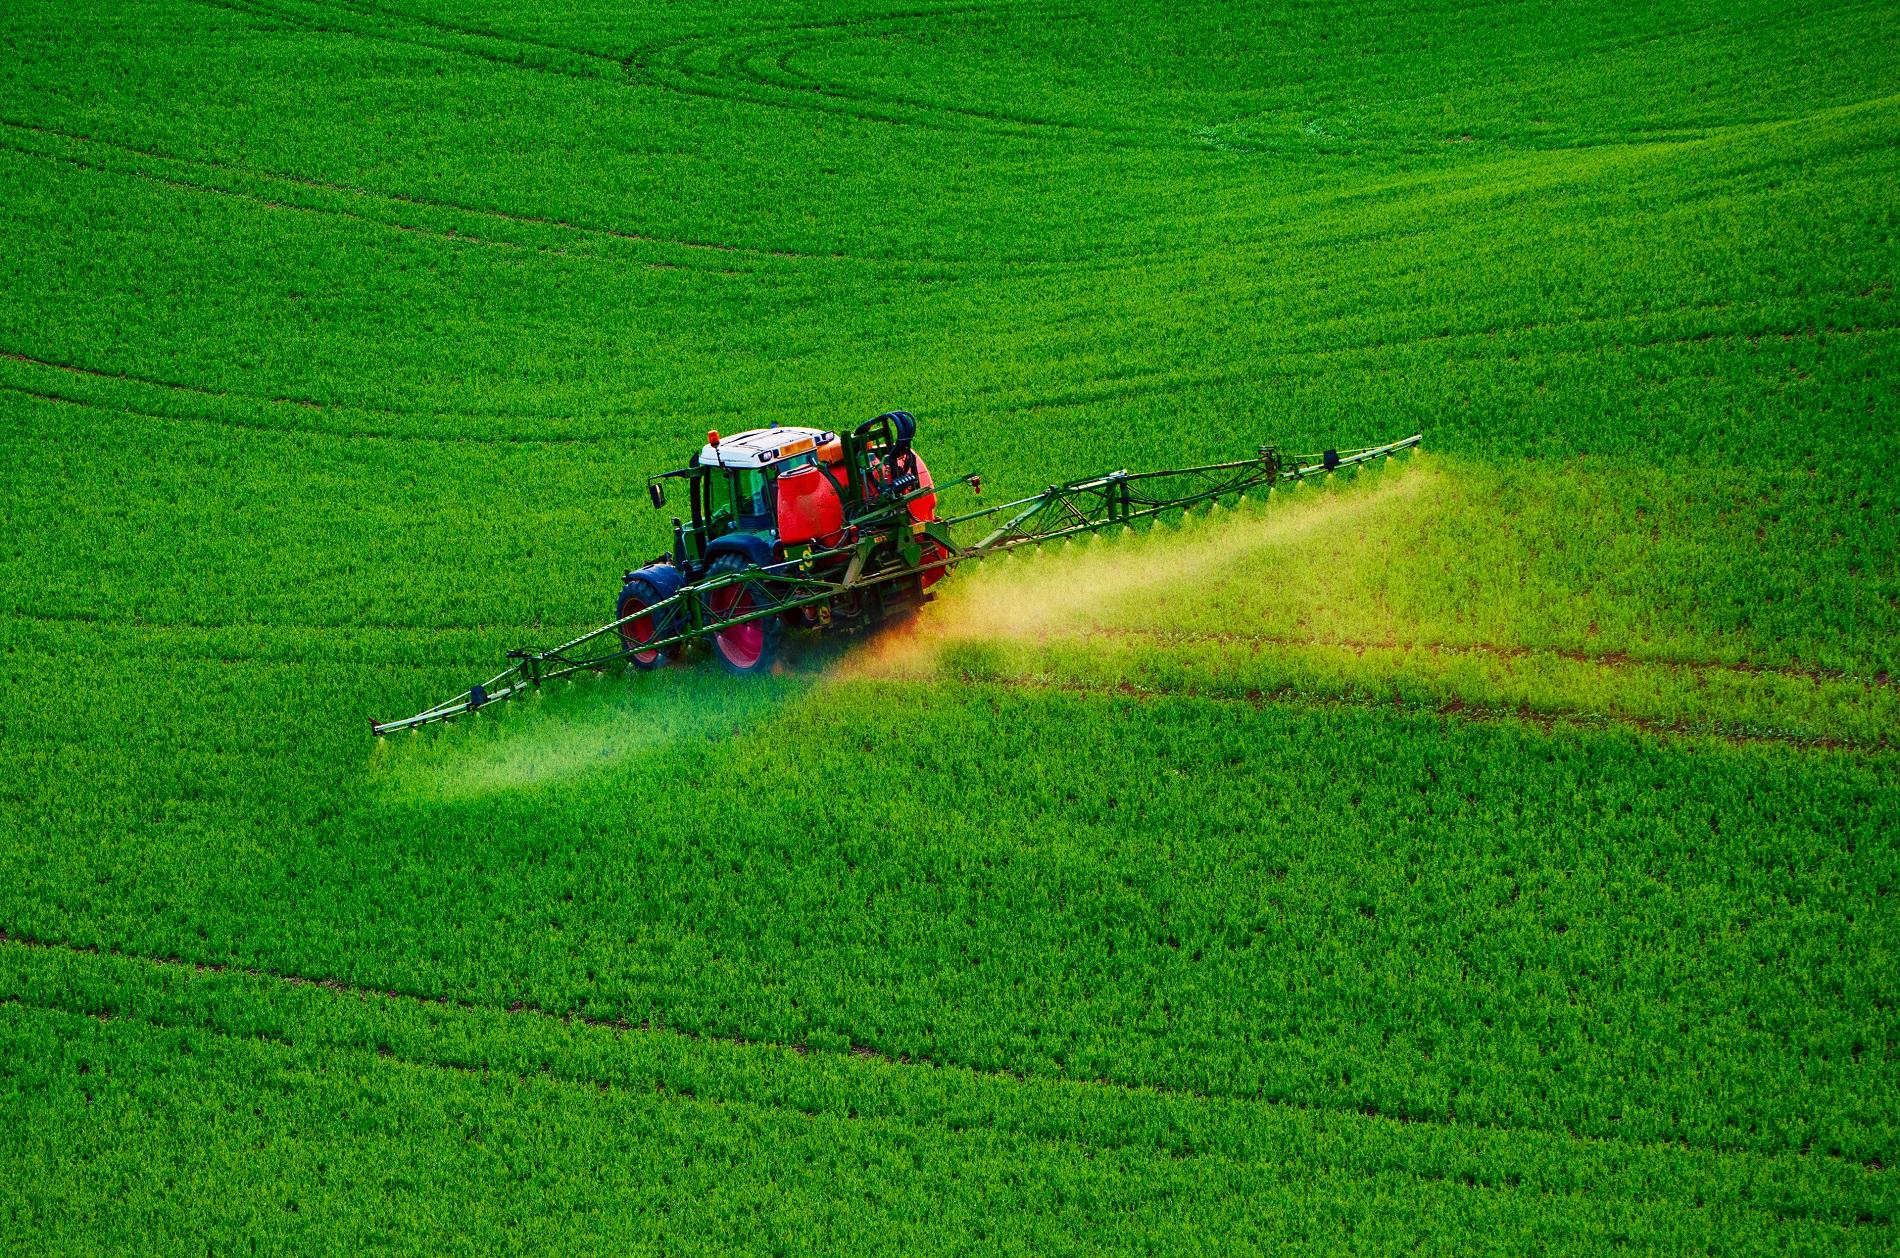 Toma medidas para prevenir riesgos laborales en tu actividad agrícola